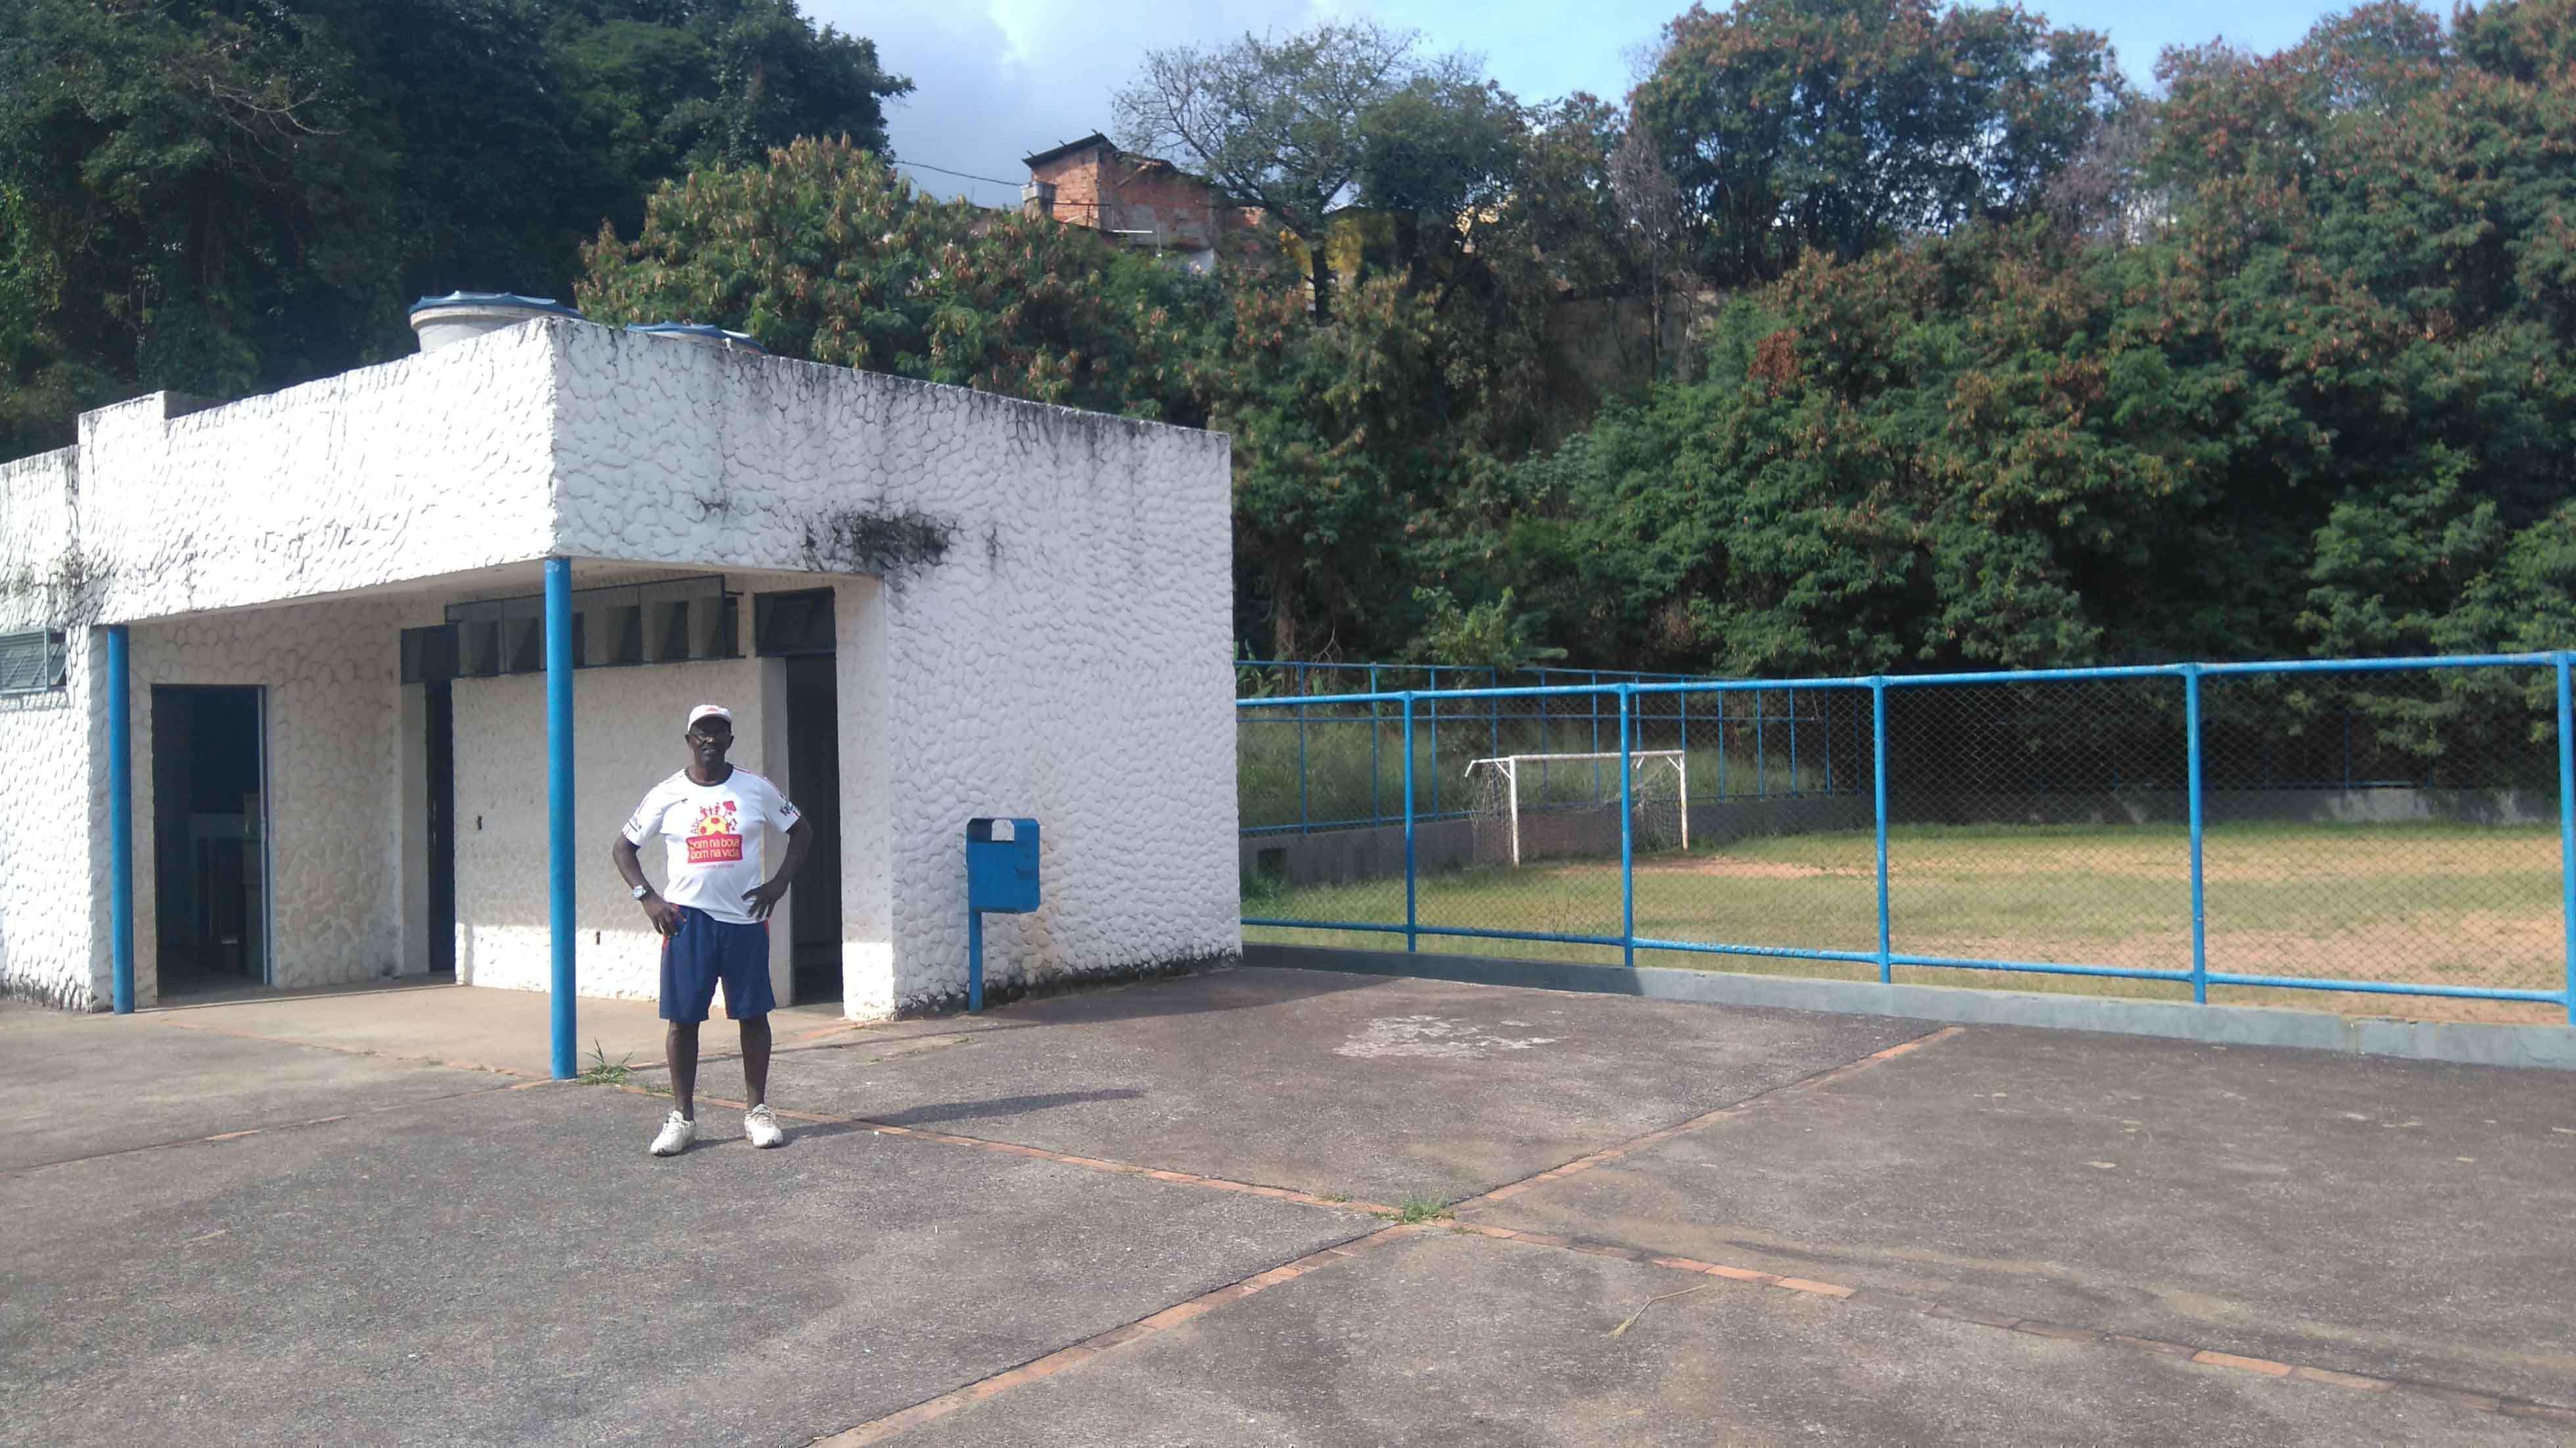 Lourival em frente ao vestiário do campo no Salgado Filho